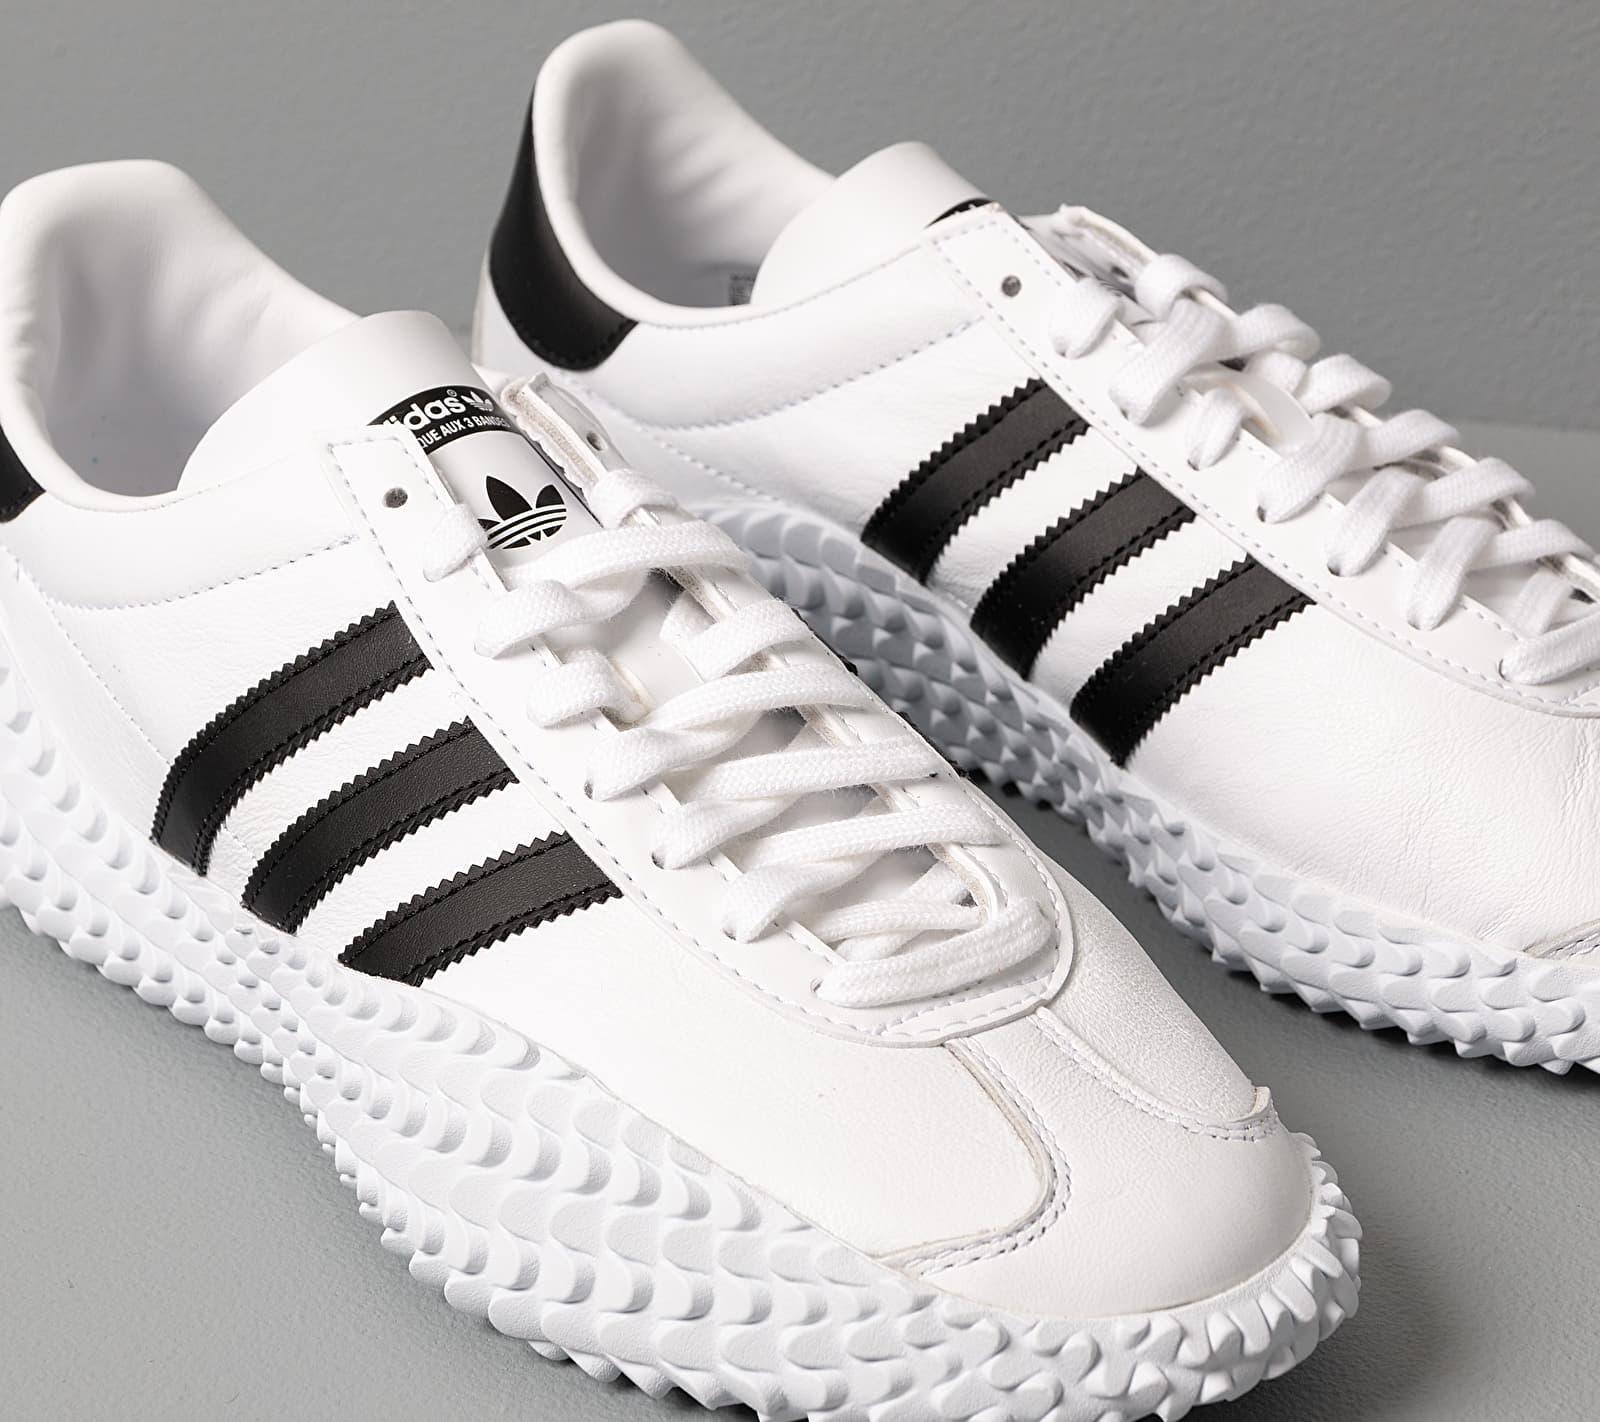 Adidas Country x Kamanda Ftw White/ Core Black/ Ftw White adidas Originals de hombre